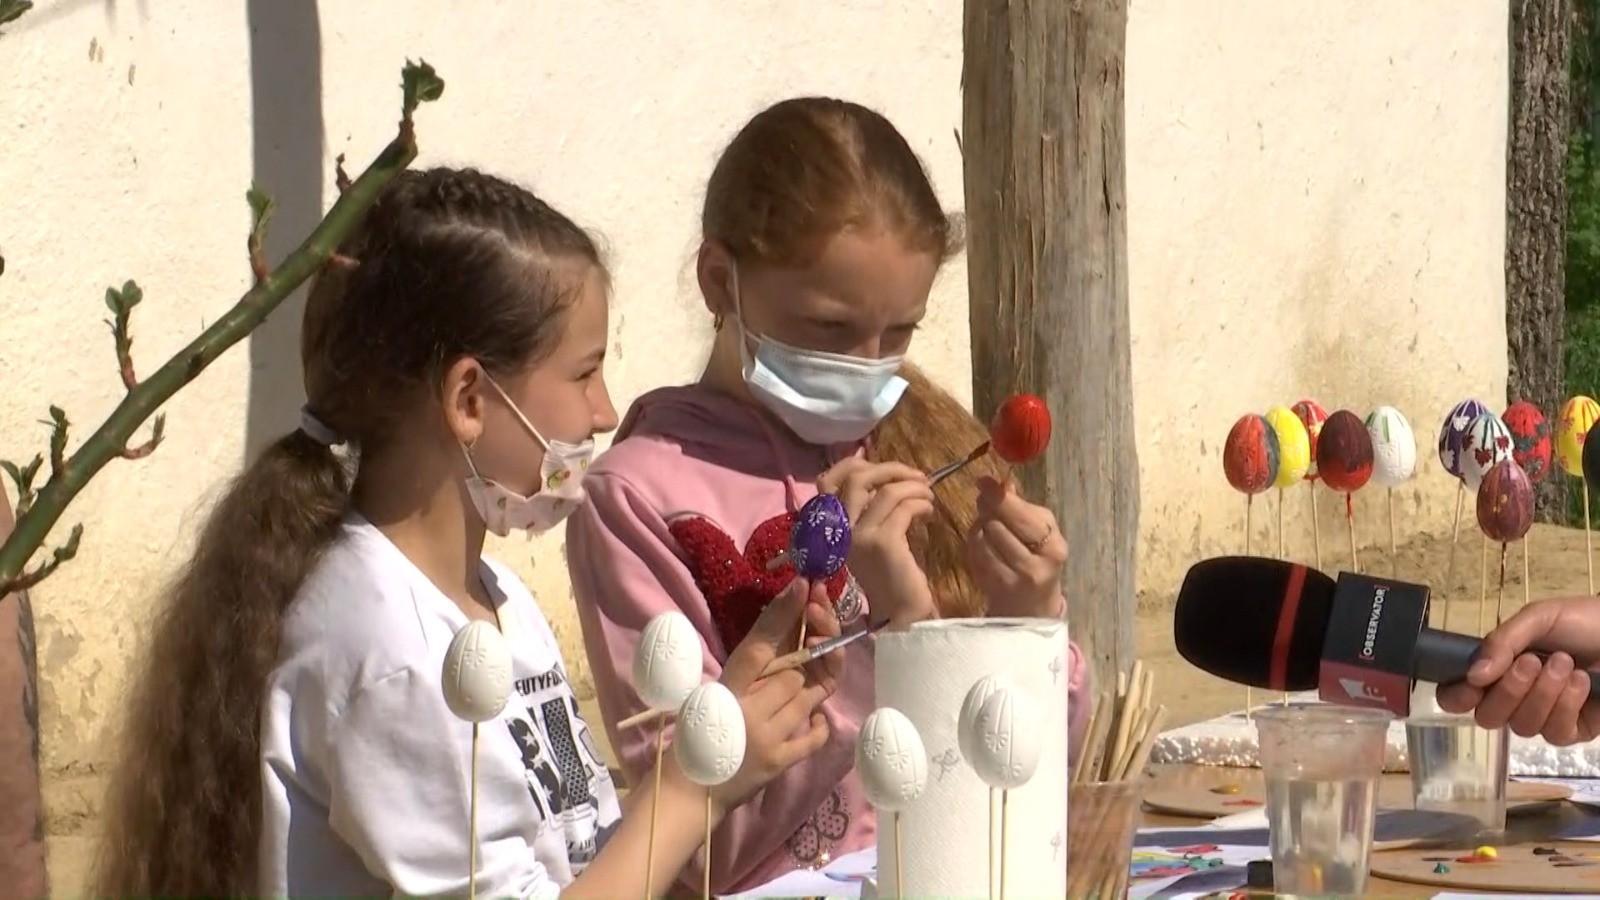 Zeci de copii buni la învăţătură, din mediul rural, experienţă inedită la muzeul satului din Galaţi